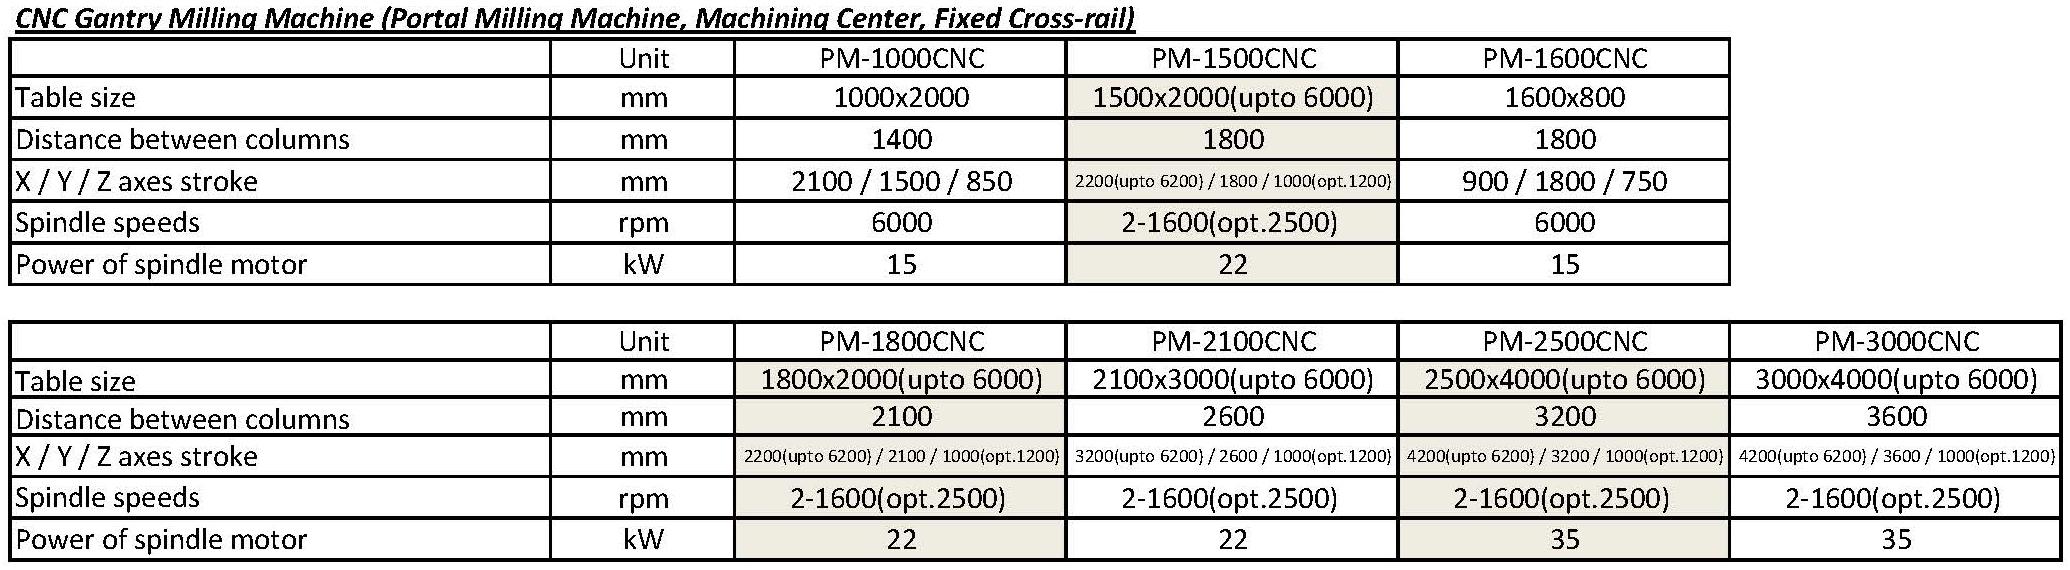 技术参数 - PM-CNC